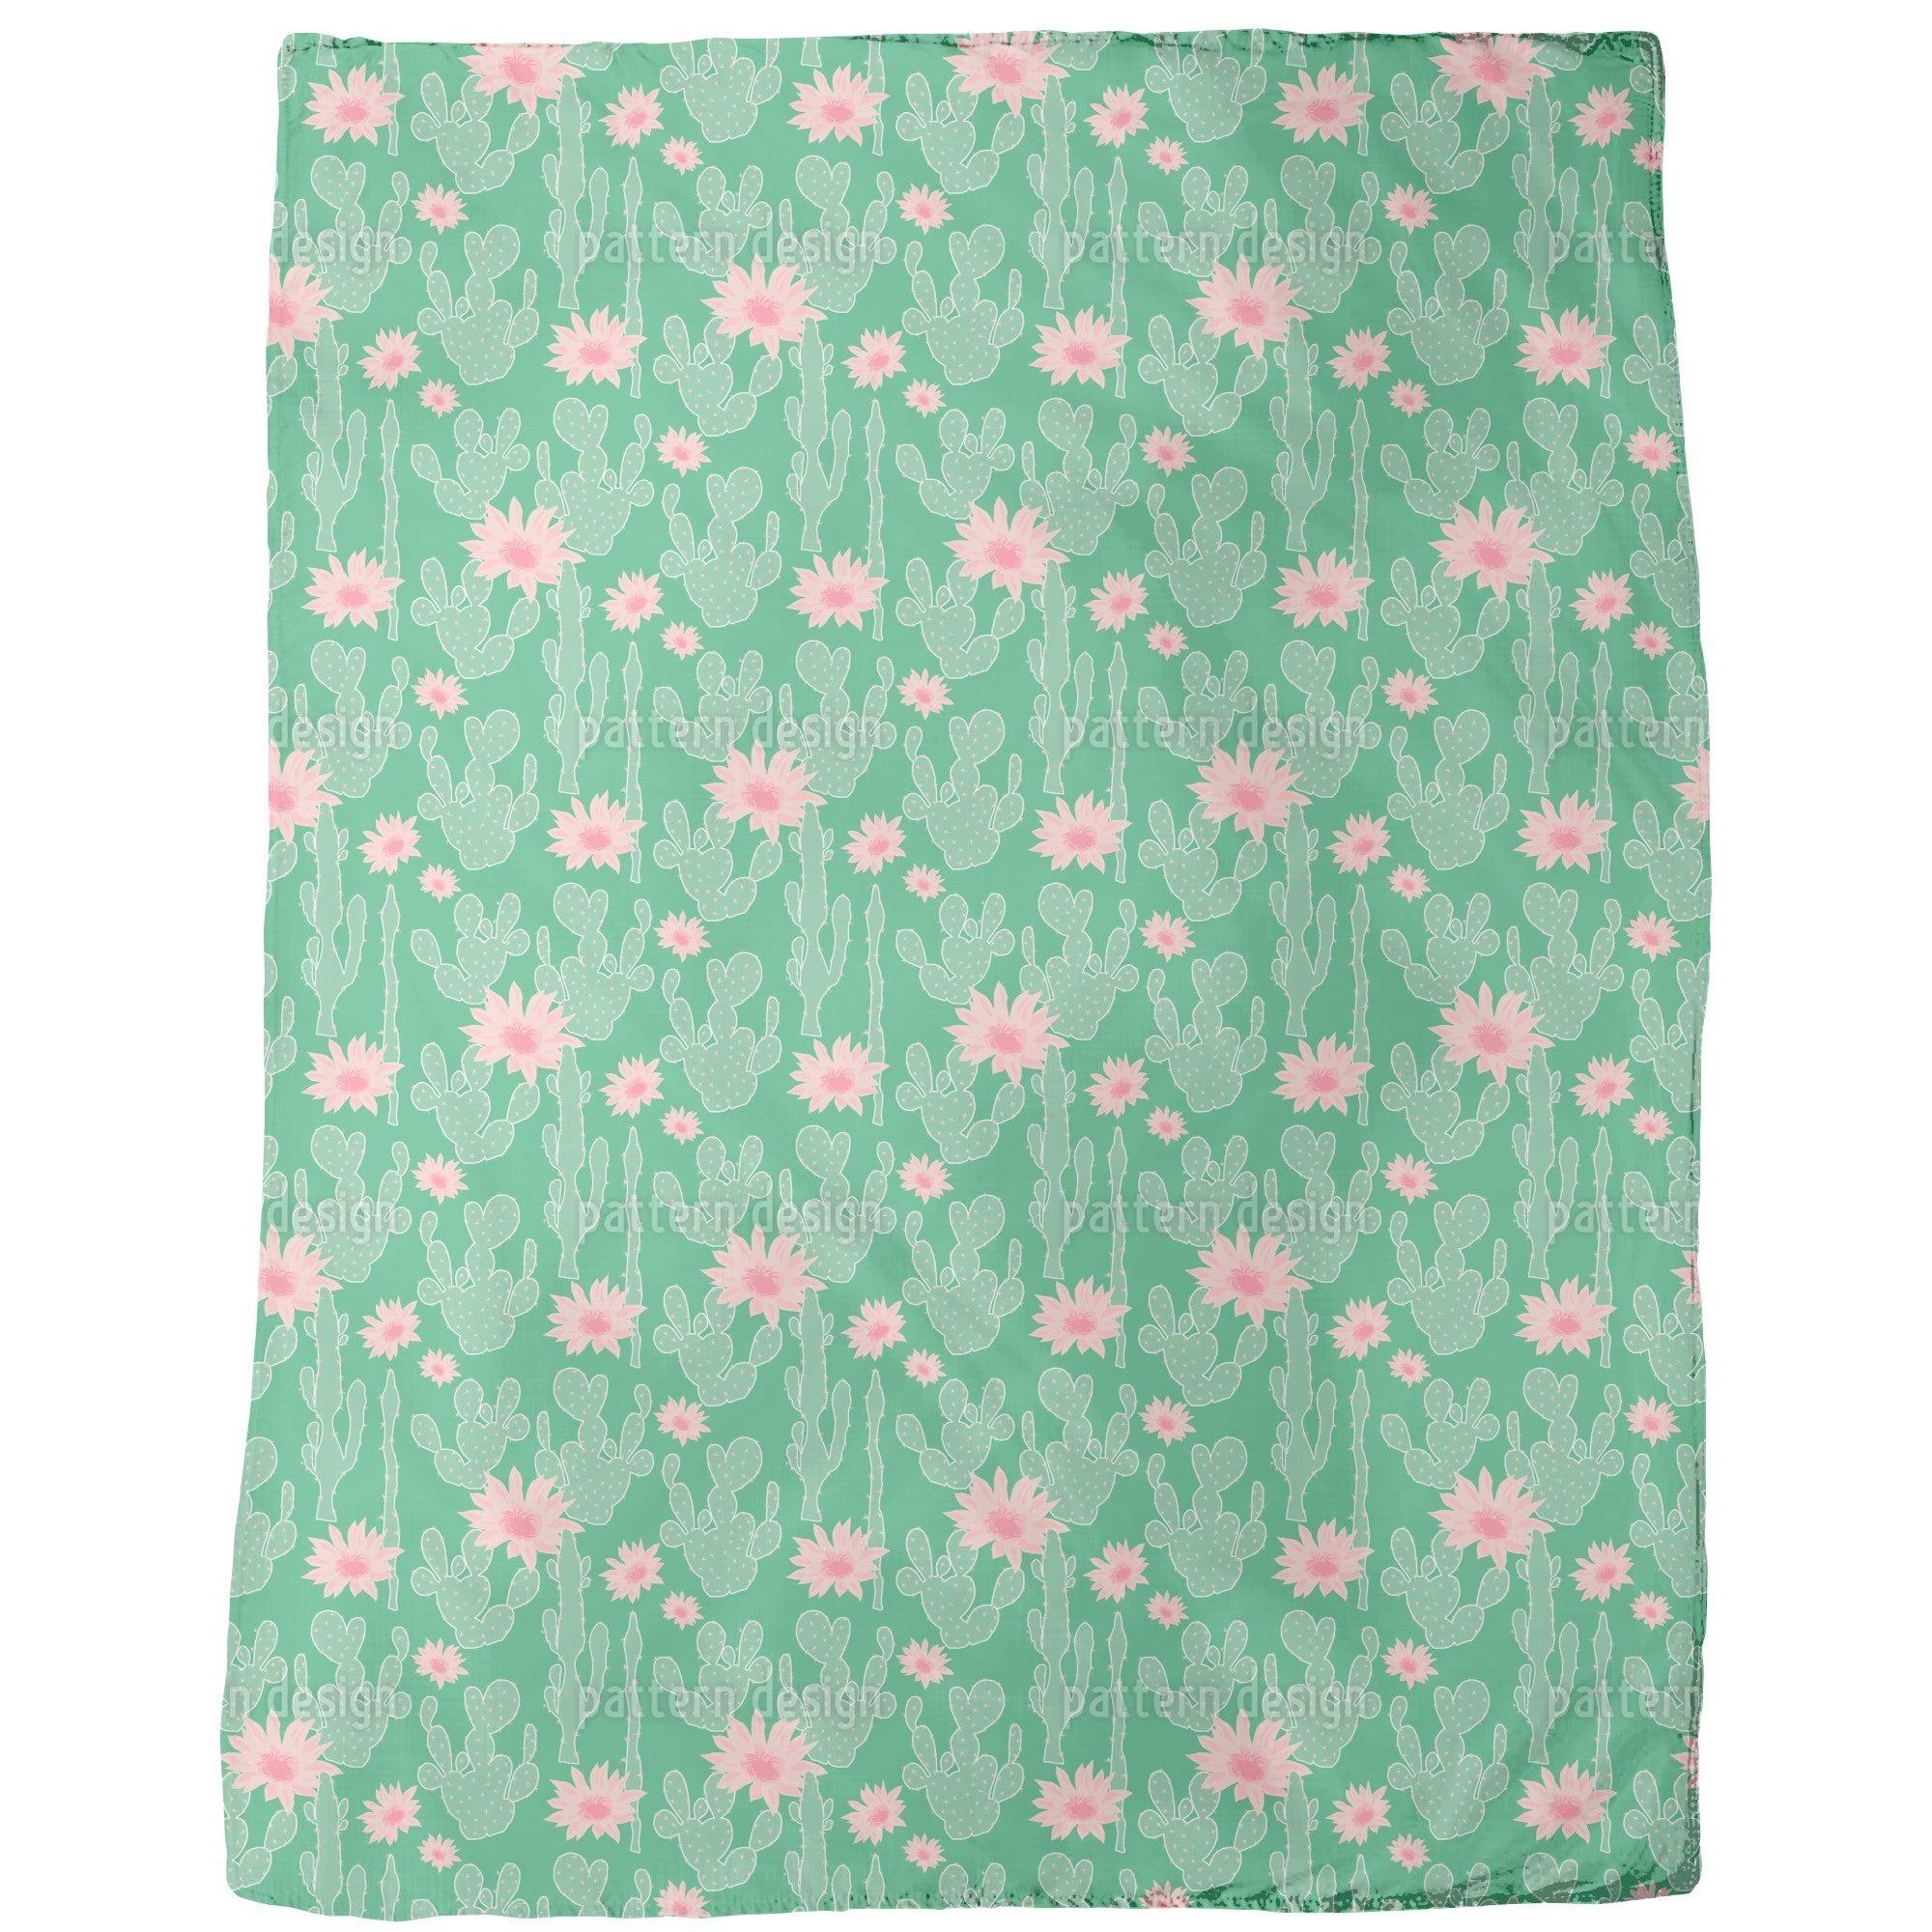 Uneekee Cactus in Bloom Fleece Blanket (Small), Multi